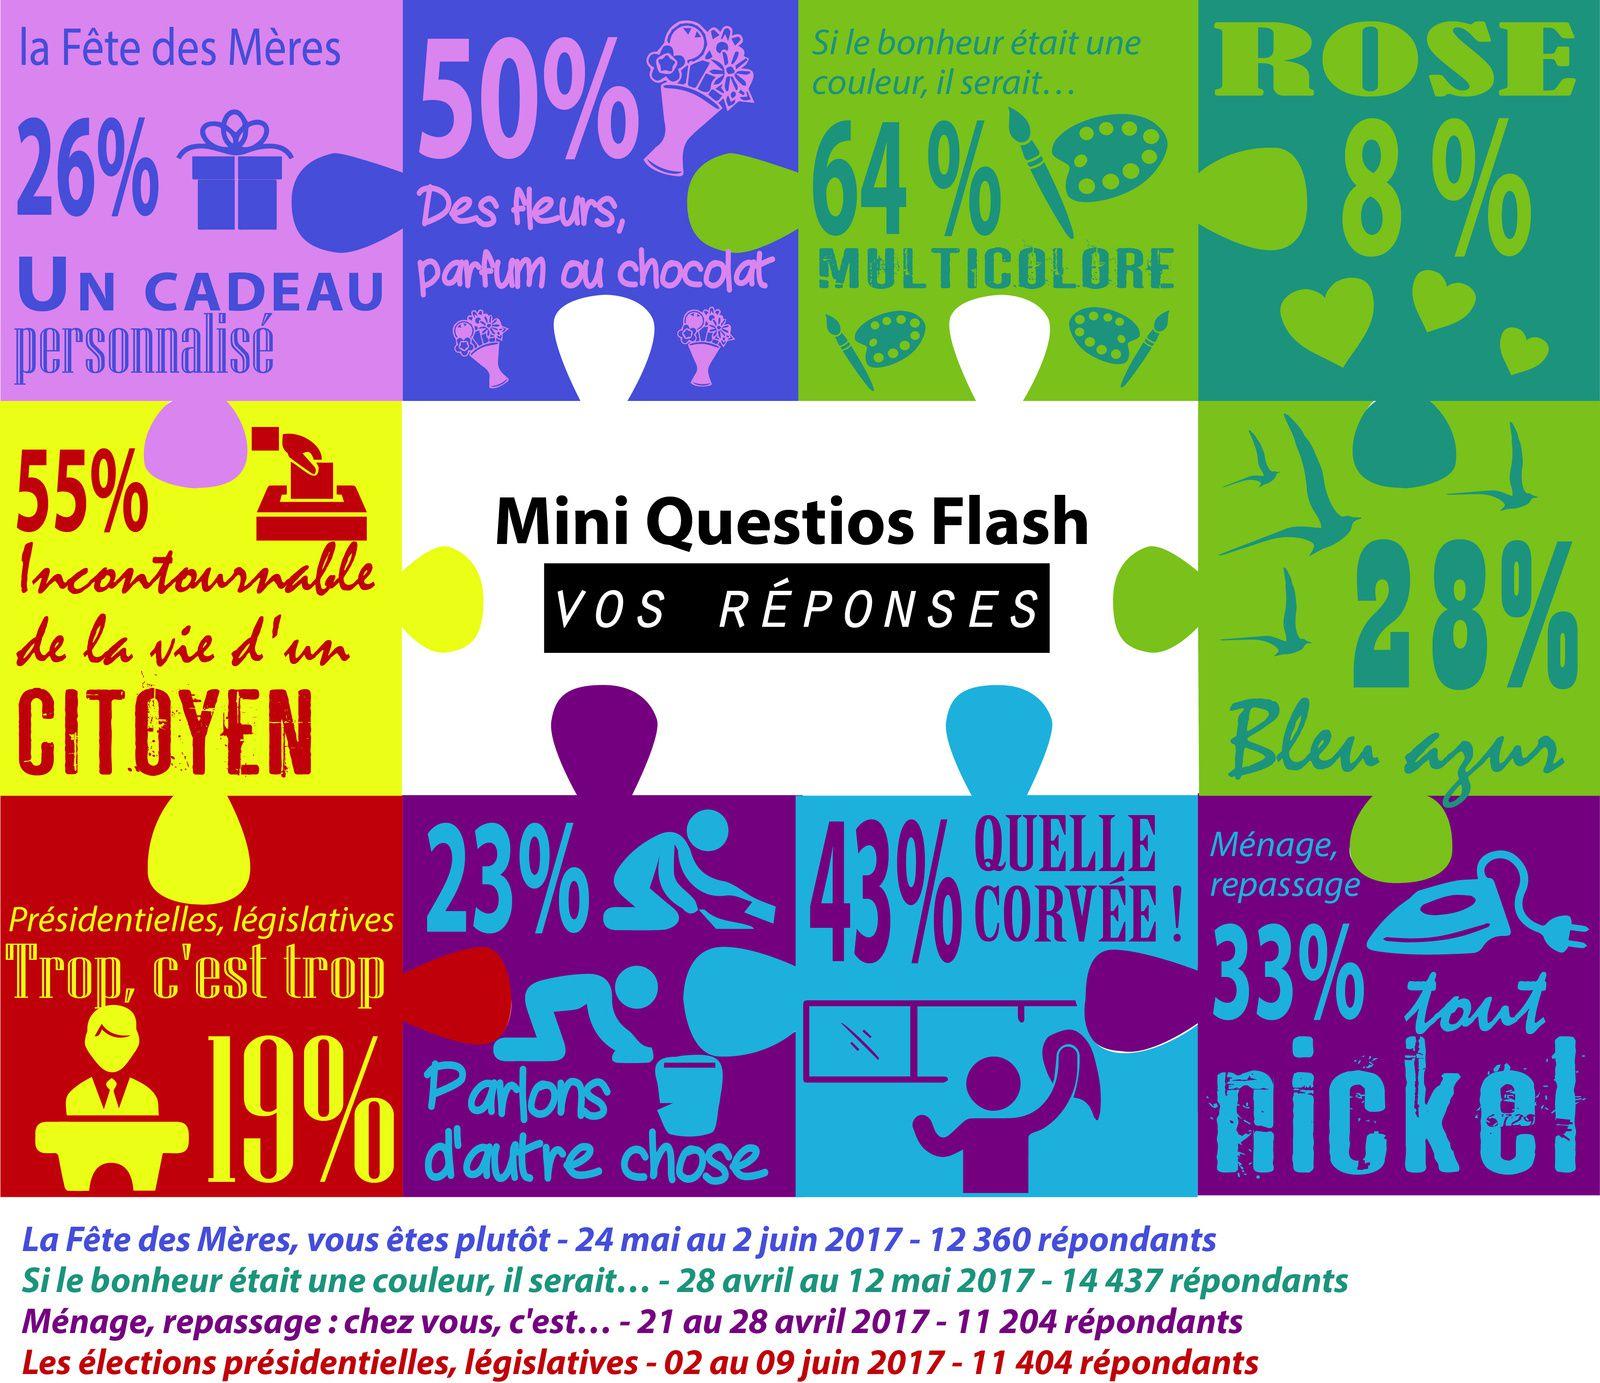 Résultats des questios Flash